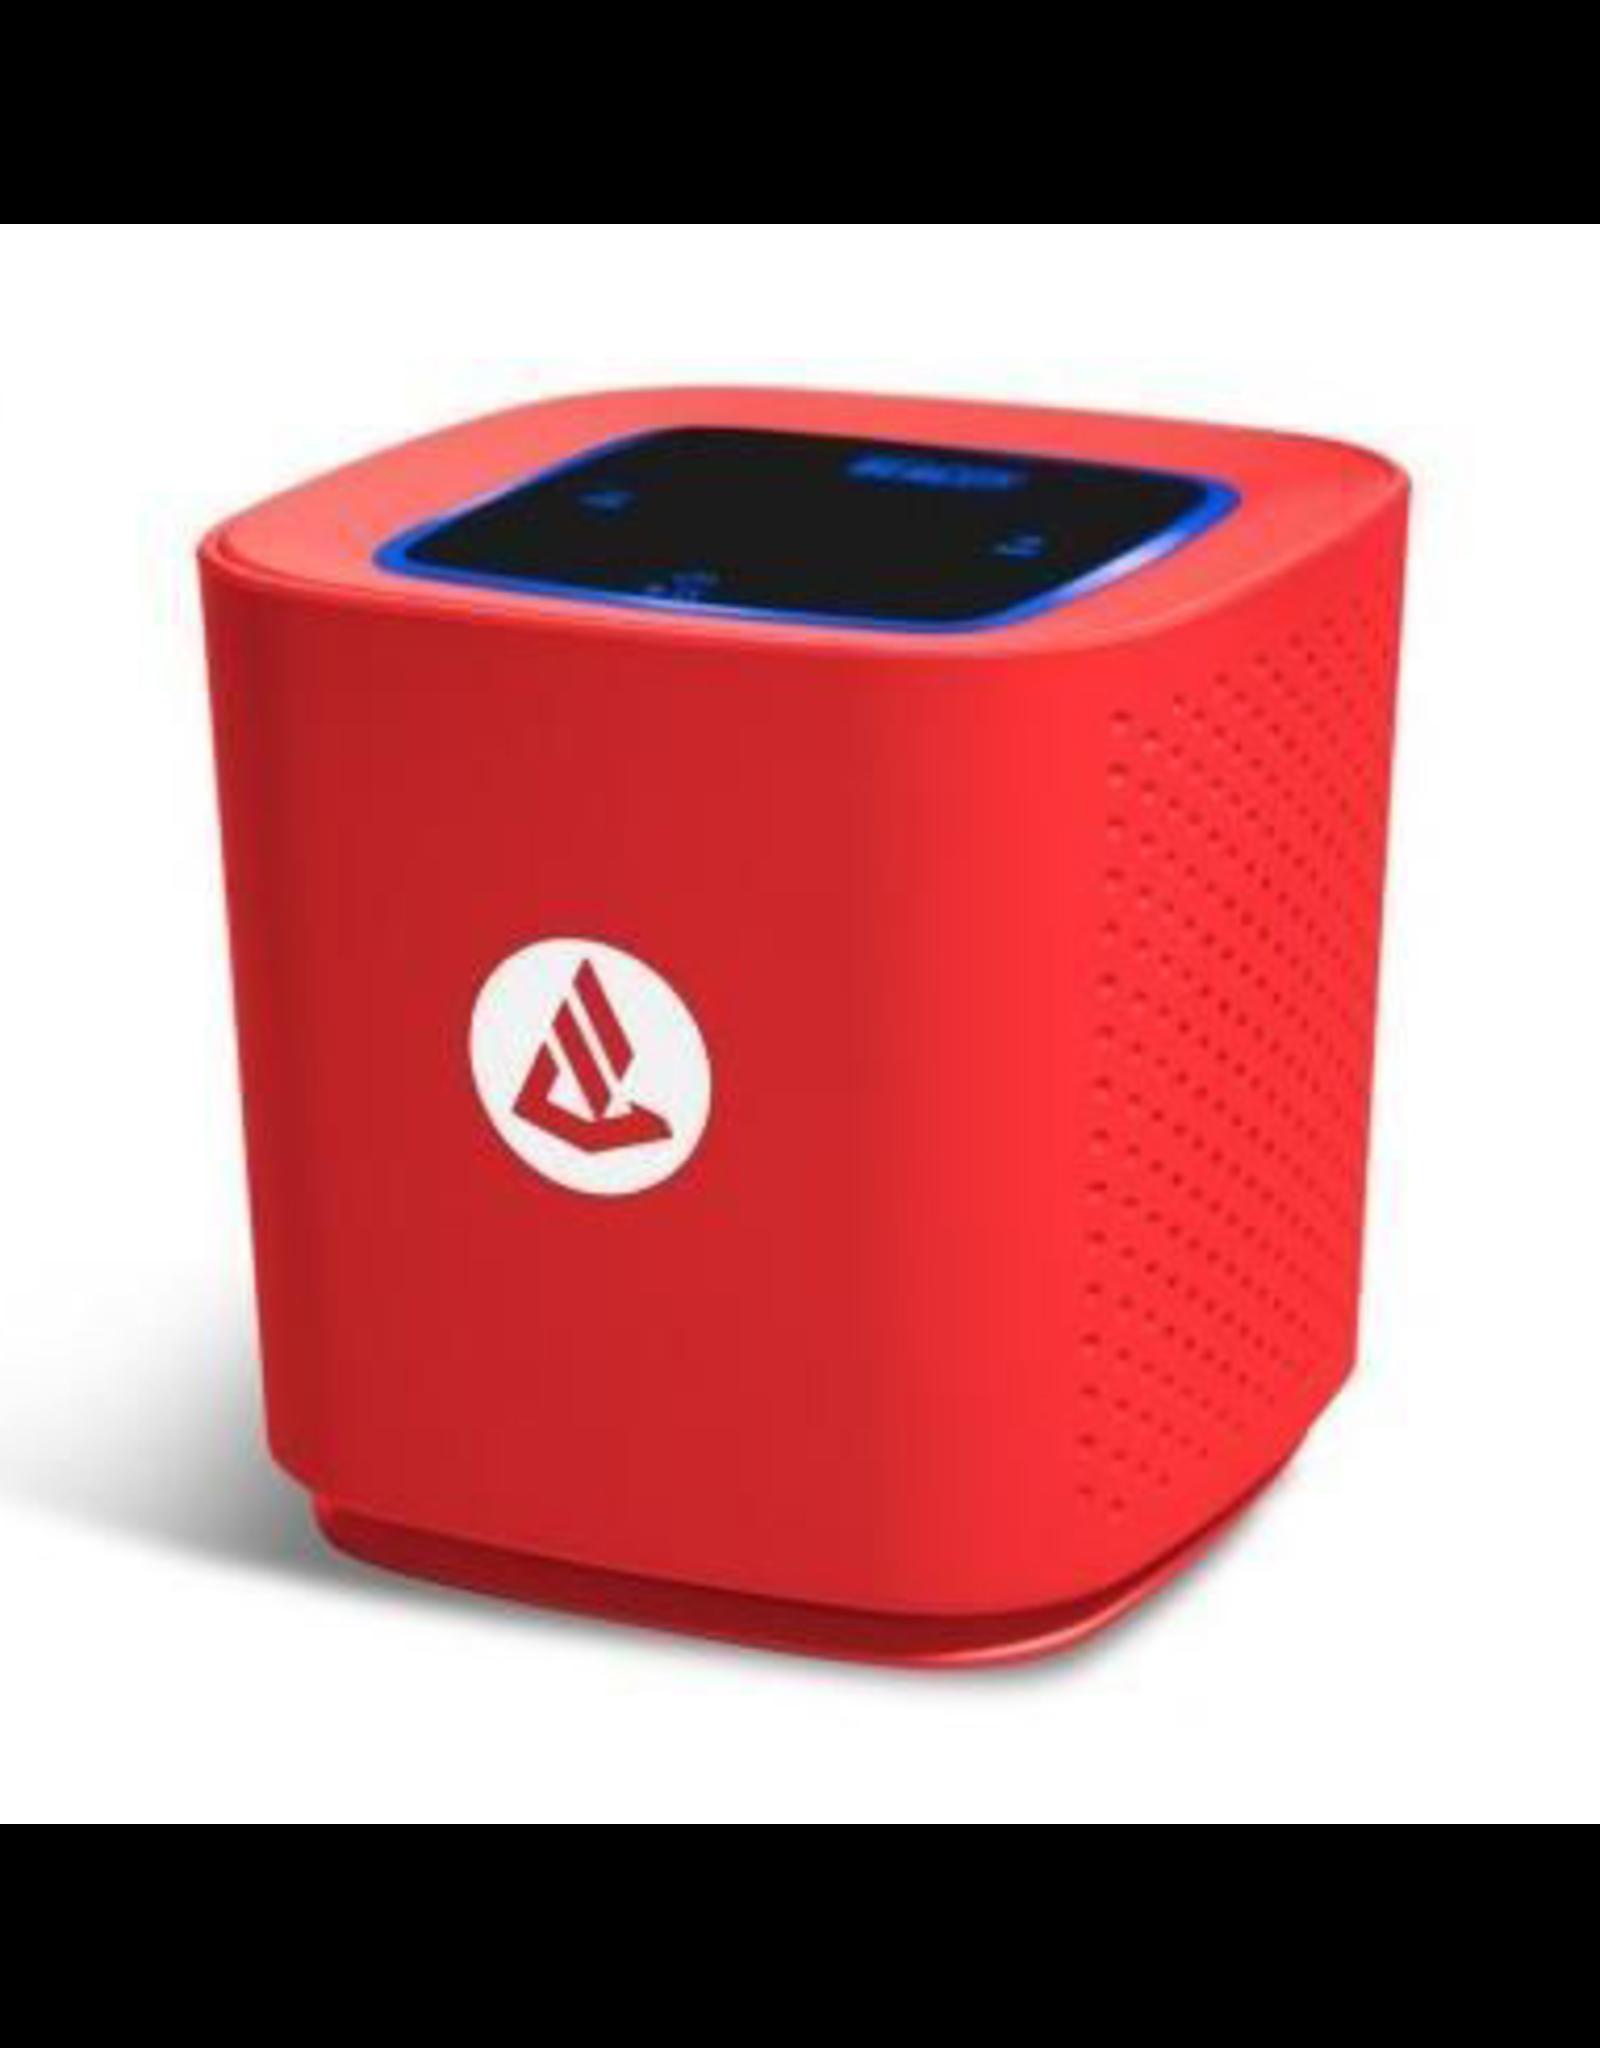 Ex-Demo - Deep Blue Home Phoenix Bluetooth Speaker - Red - 2nd hand - No Warranty